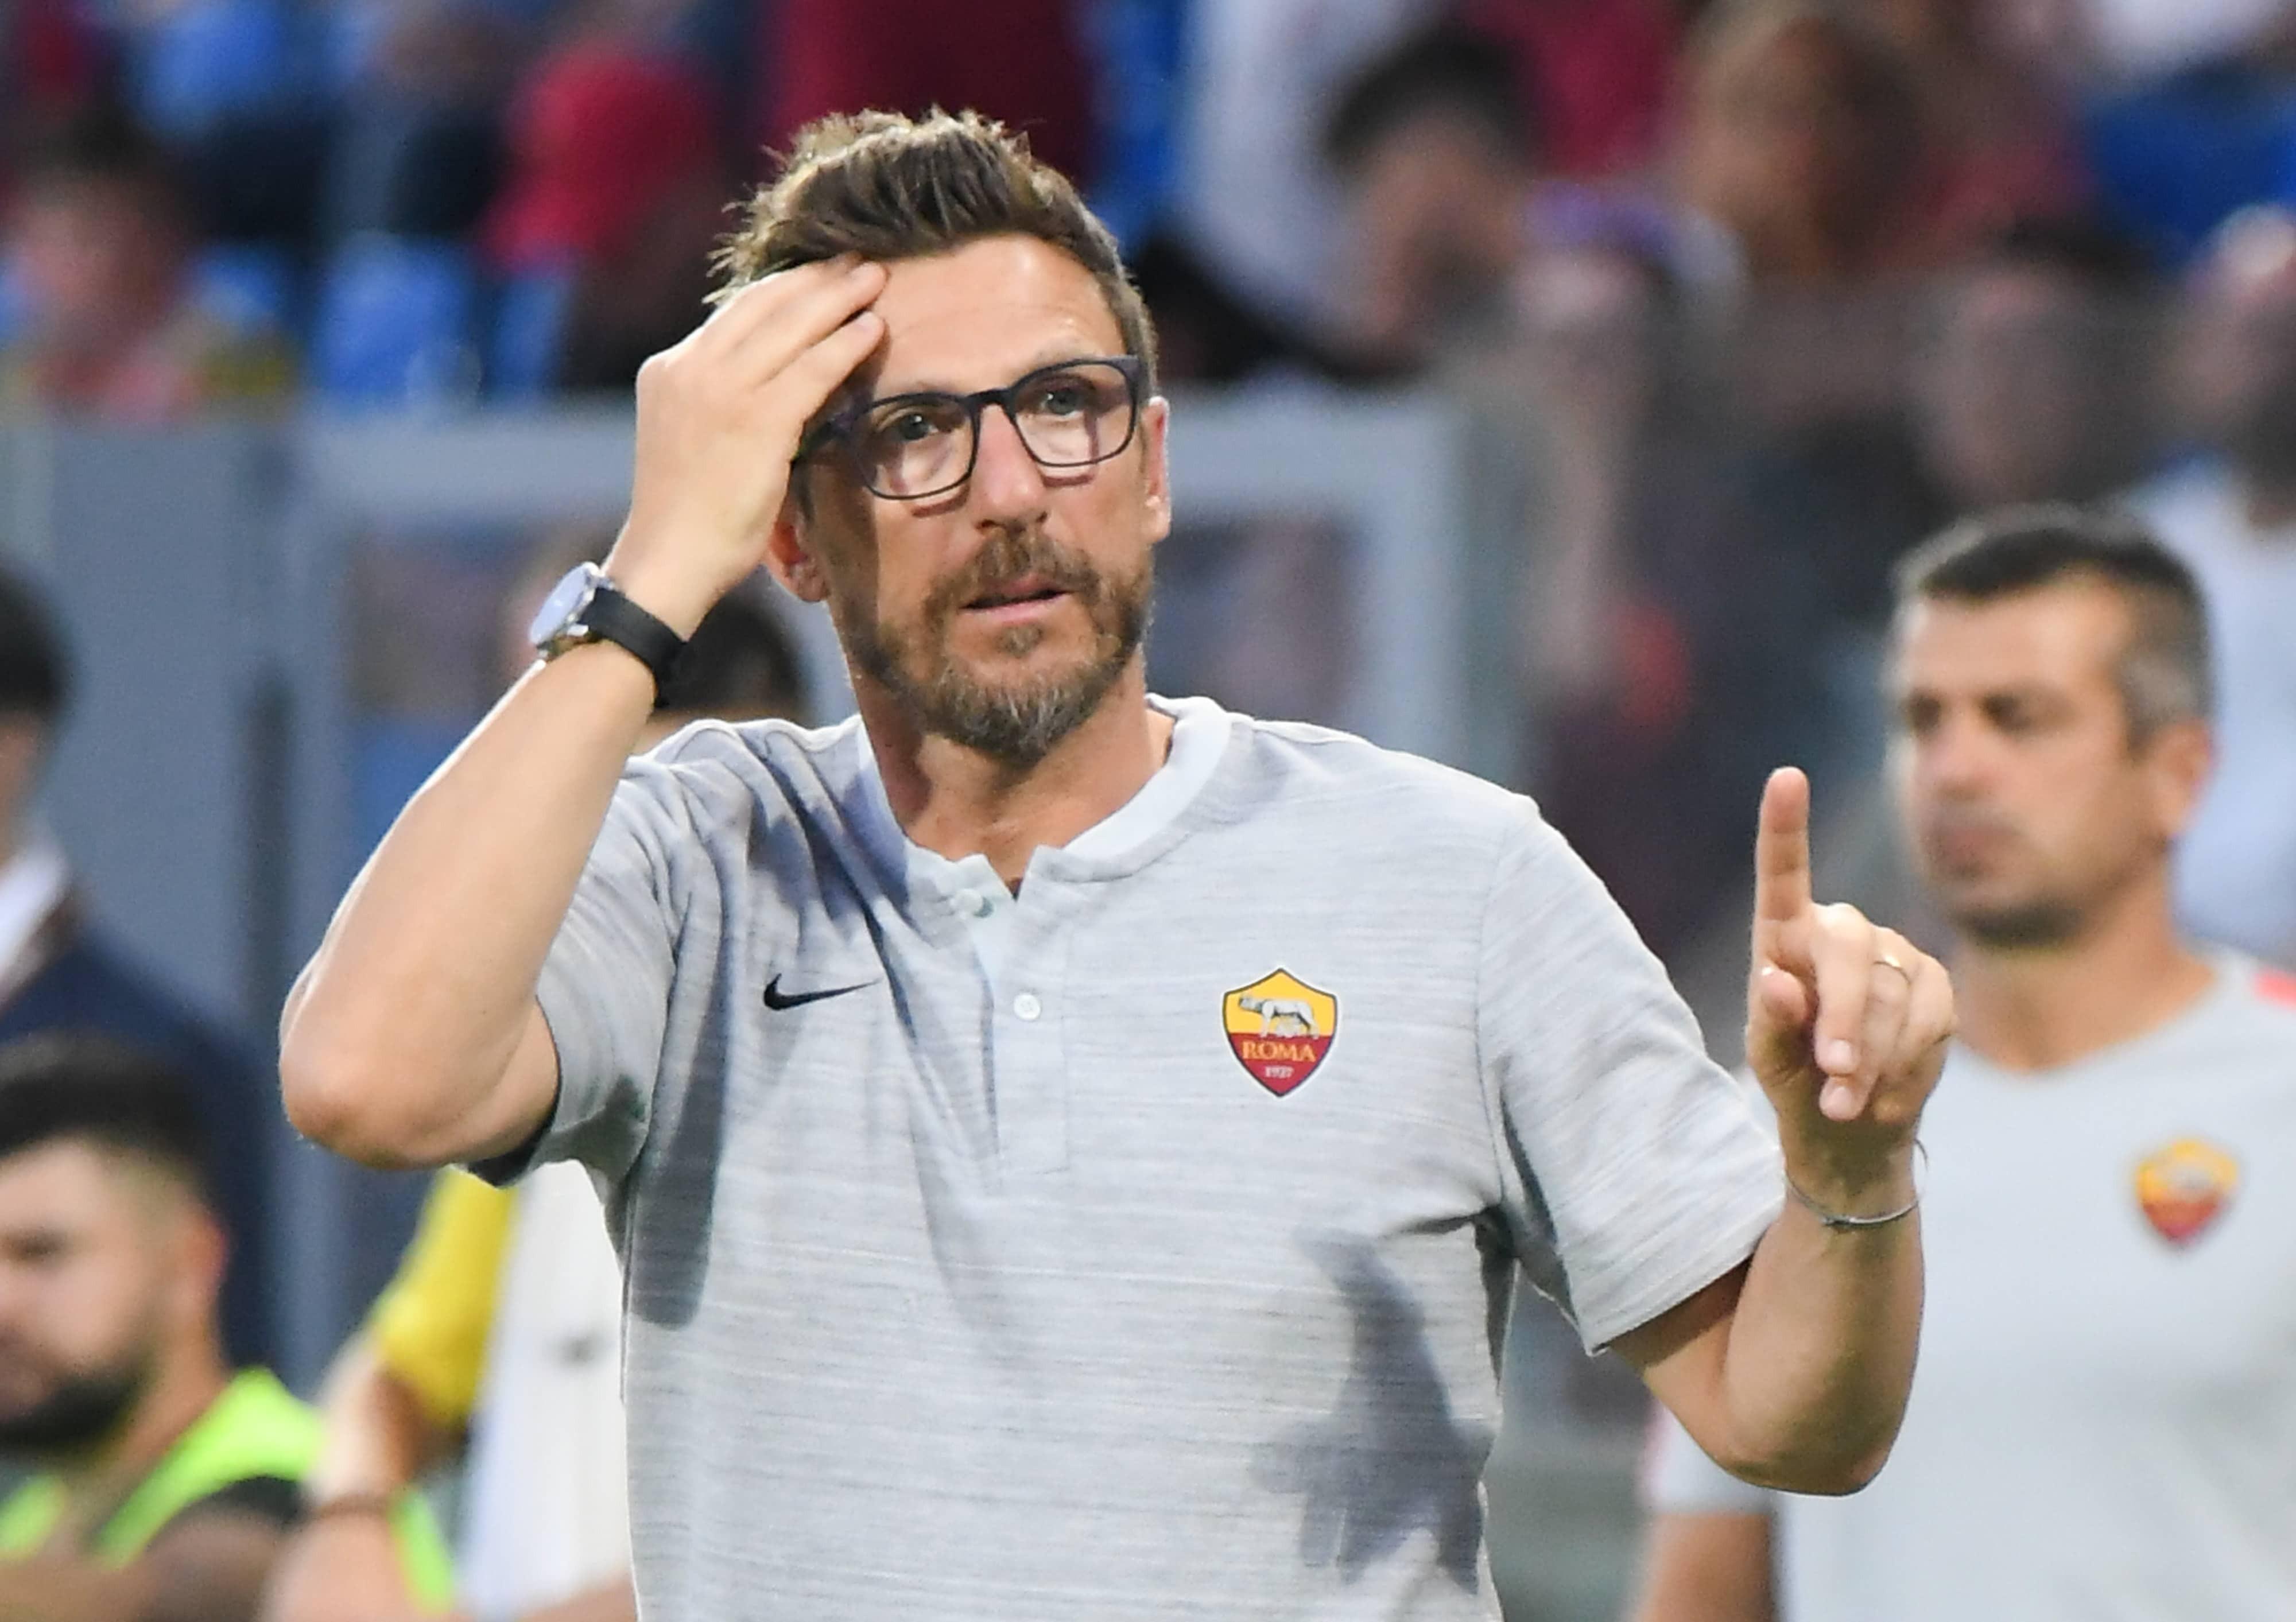 Calendario Champions League 2019 Da Stampare Más Actual Calendario Roma 2018 2019 Partite Date orari